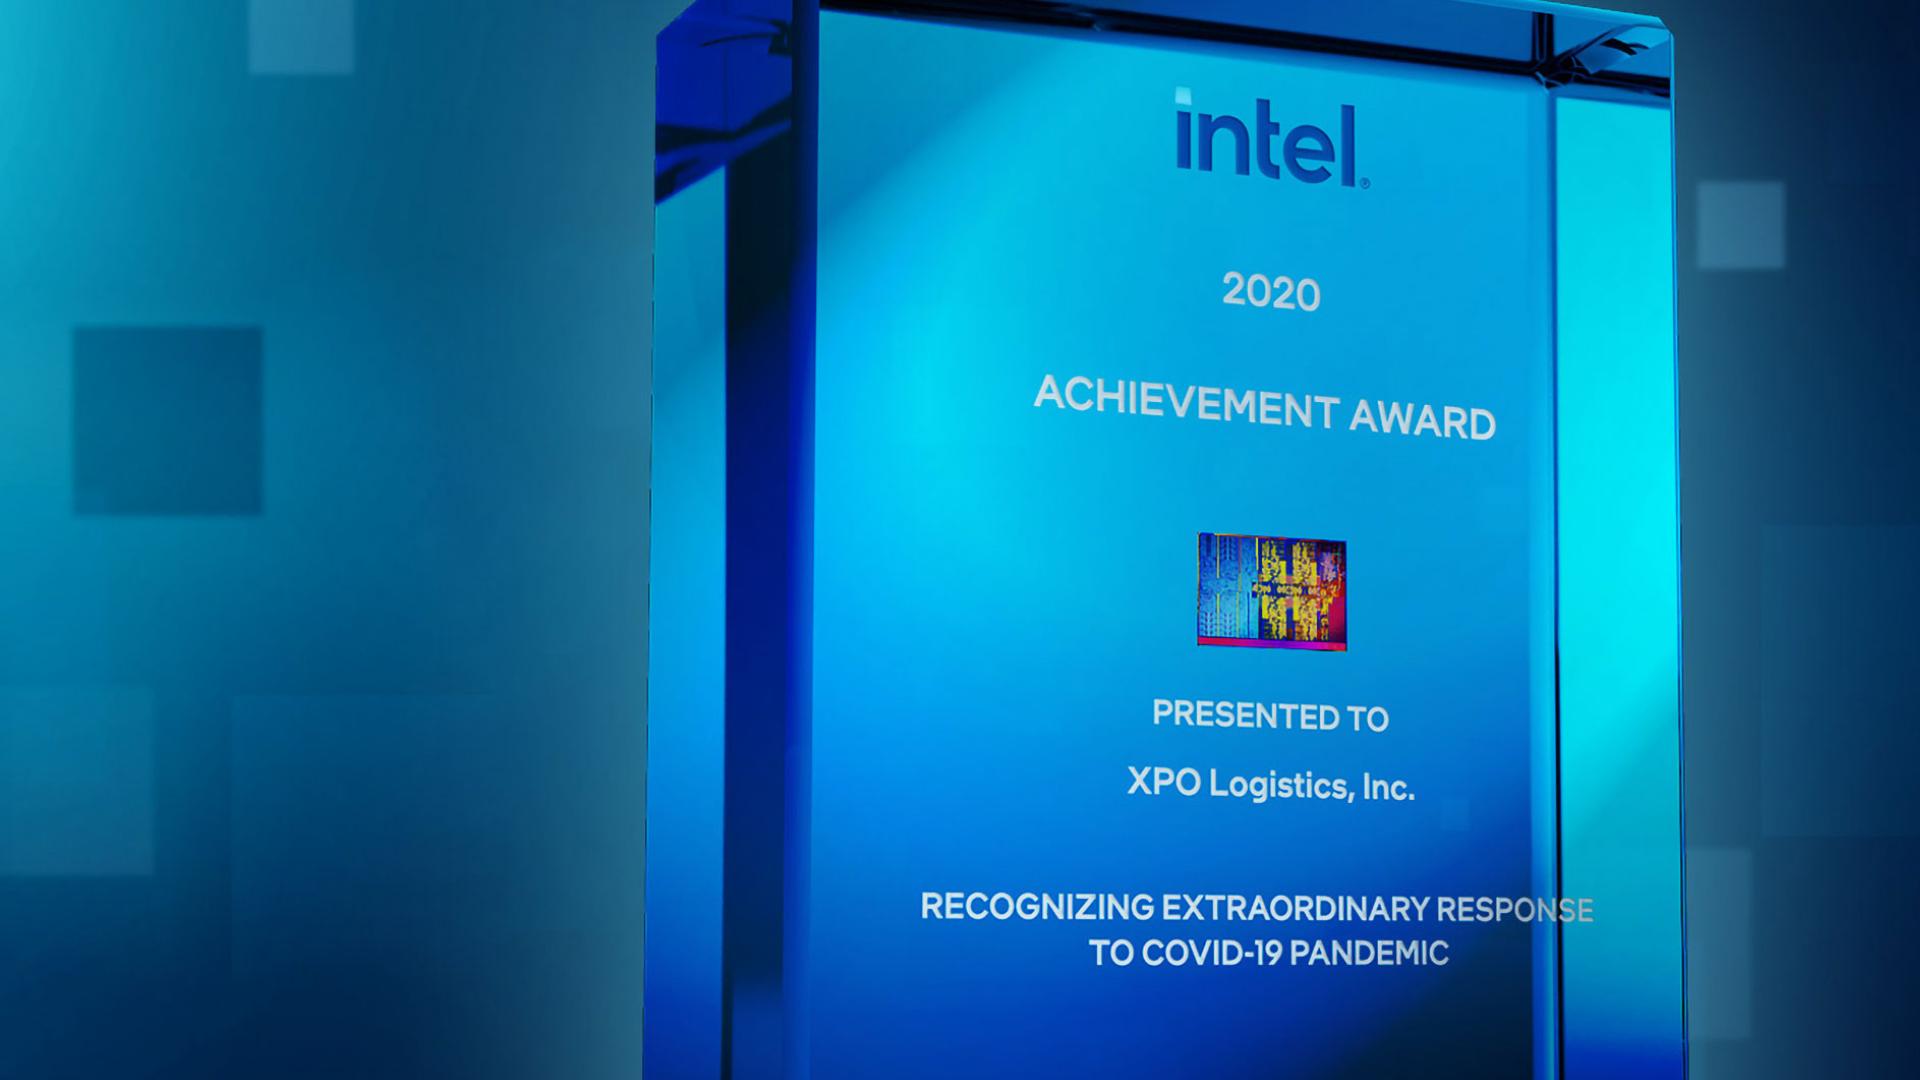 XPO receives Intel Award